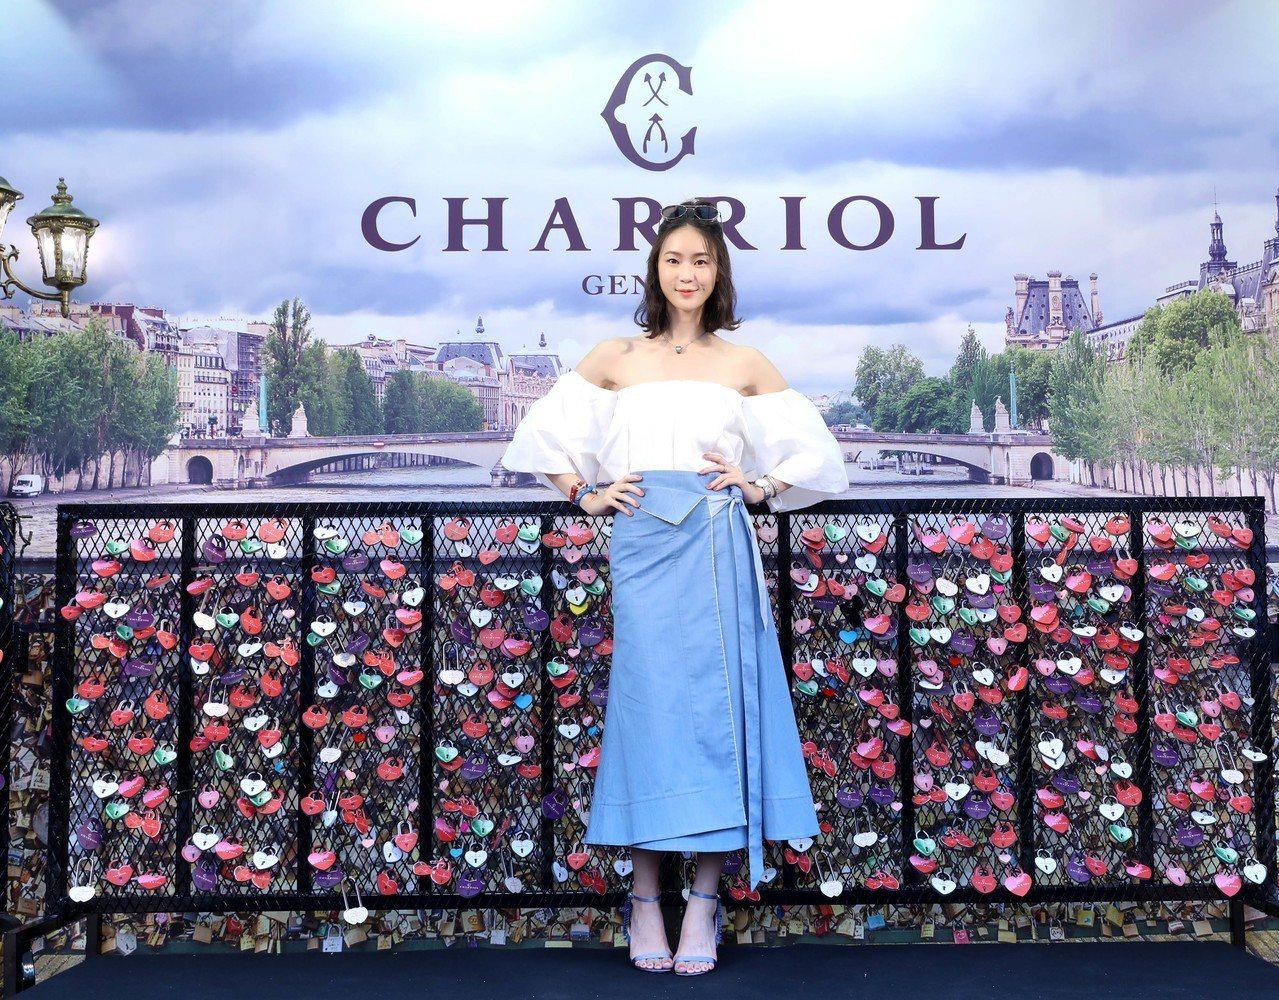 鍾瑶出席CHARRIOL夏利豪浪漫情人節系列記者會暢浪漫的回憶。圖/夏利豪提供